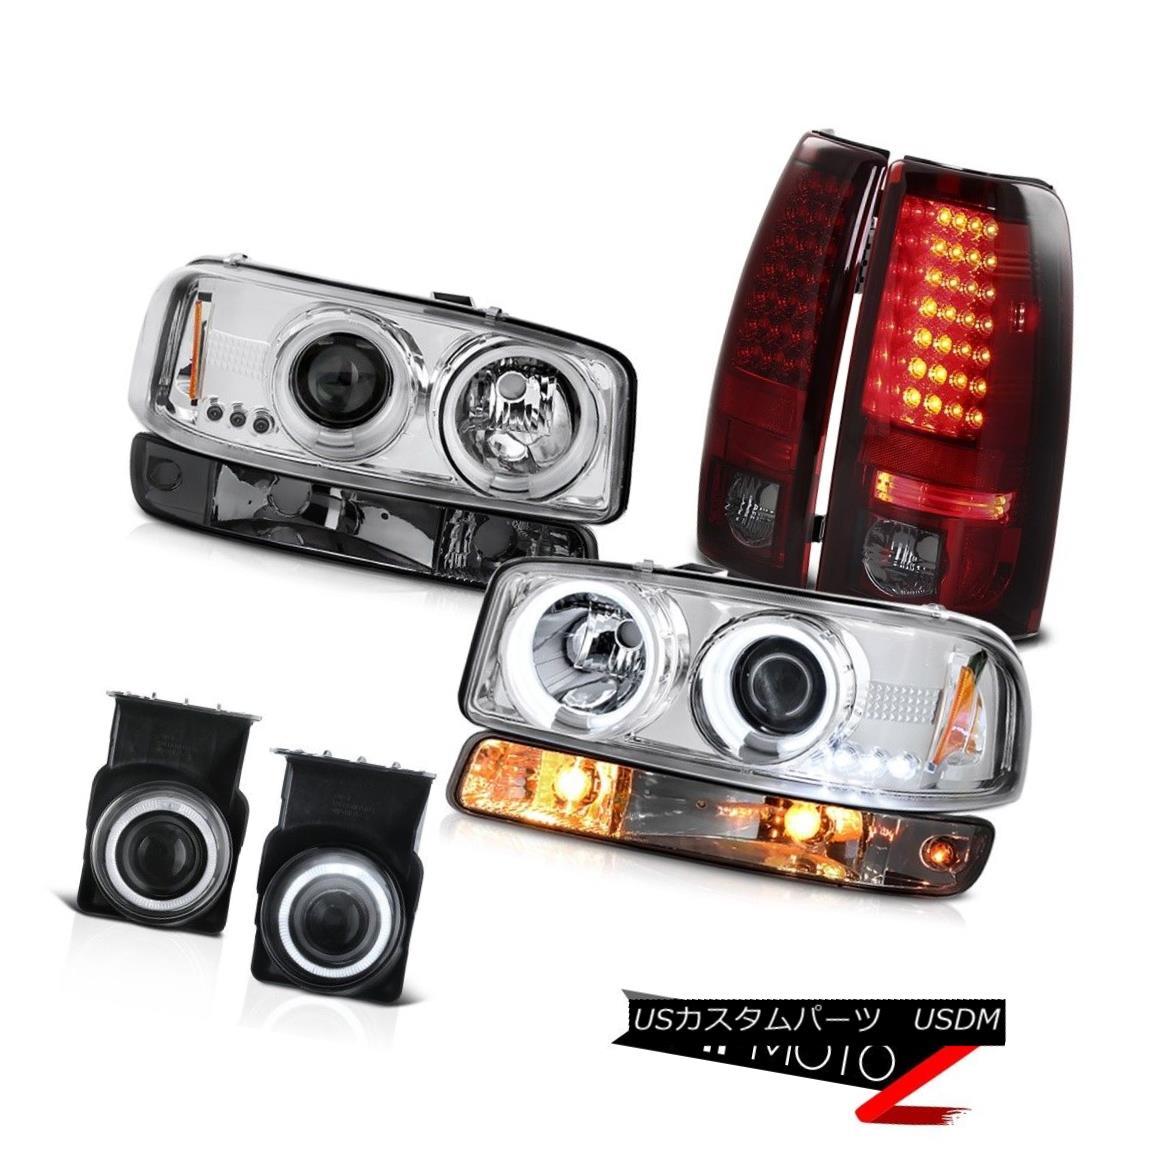 テールライト 03-06 Sierra C3 Foglights led taillamps smokey signal lamp ccfl headlamps LED 03-06シエラC3フォグライトはテールランプスモイシグナルランプを導いたccflヘッドライトLED